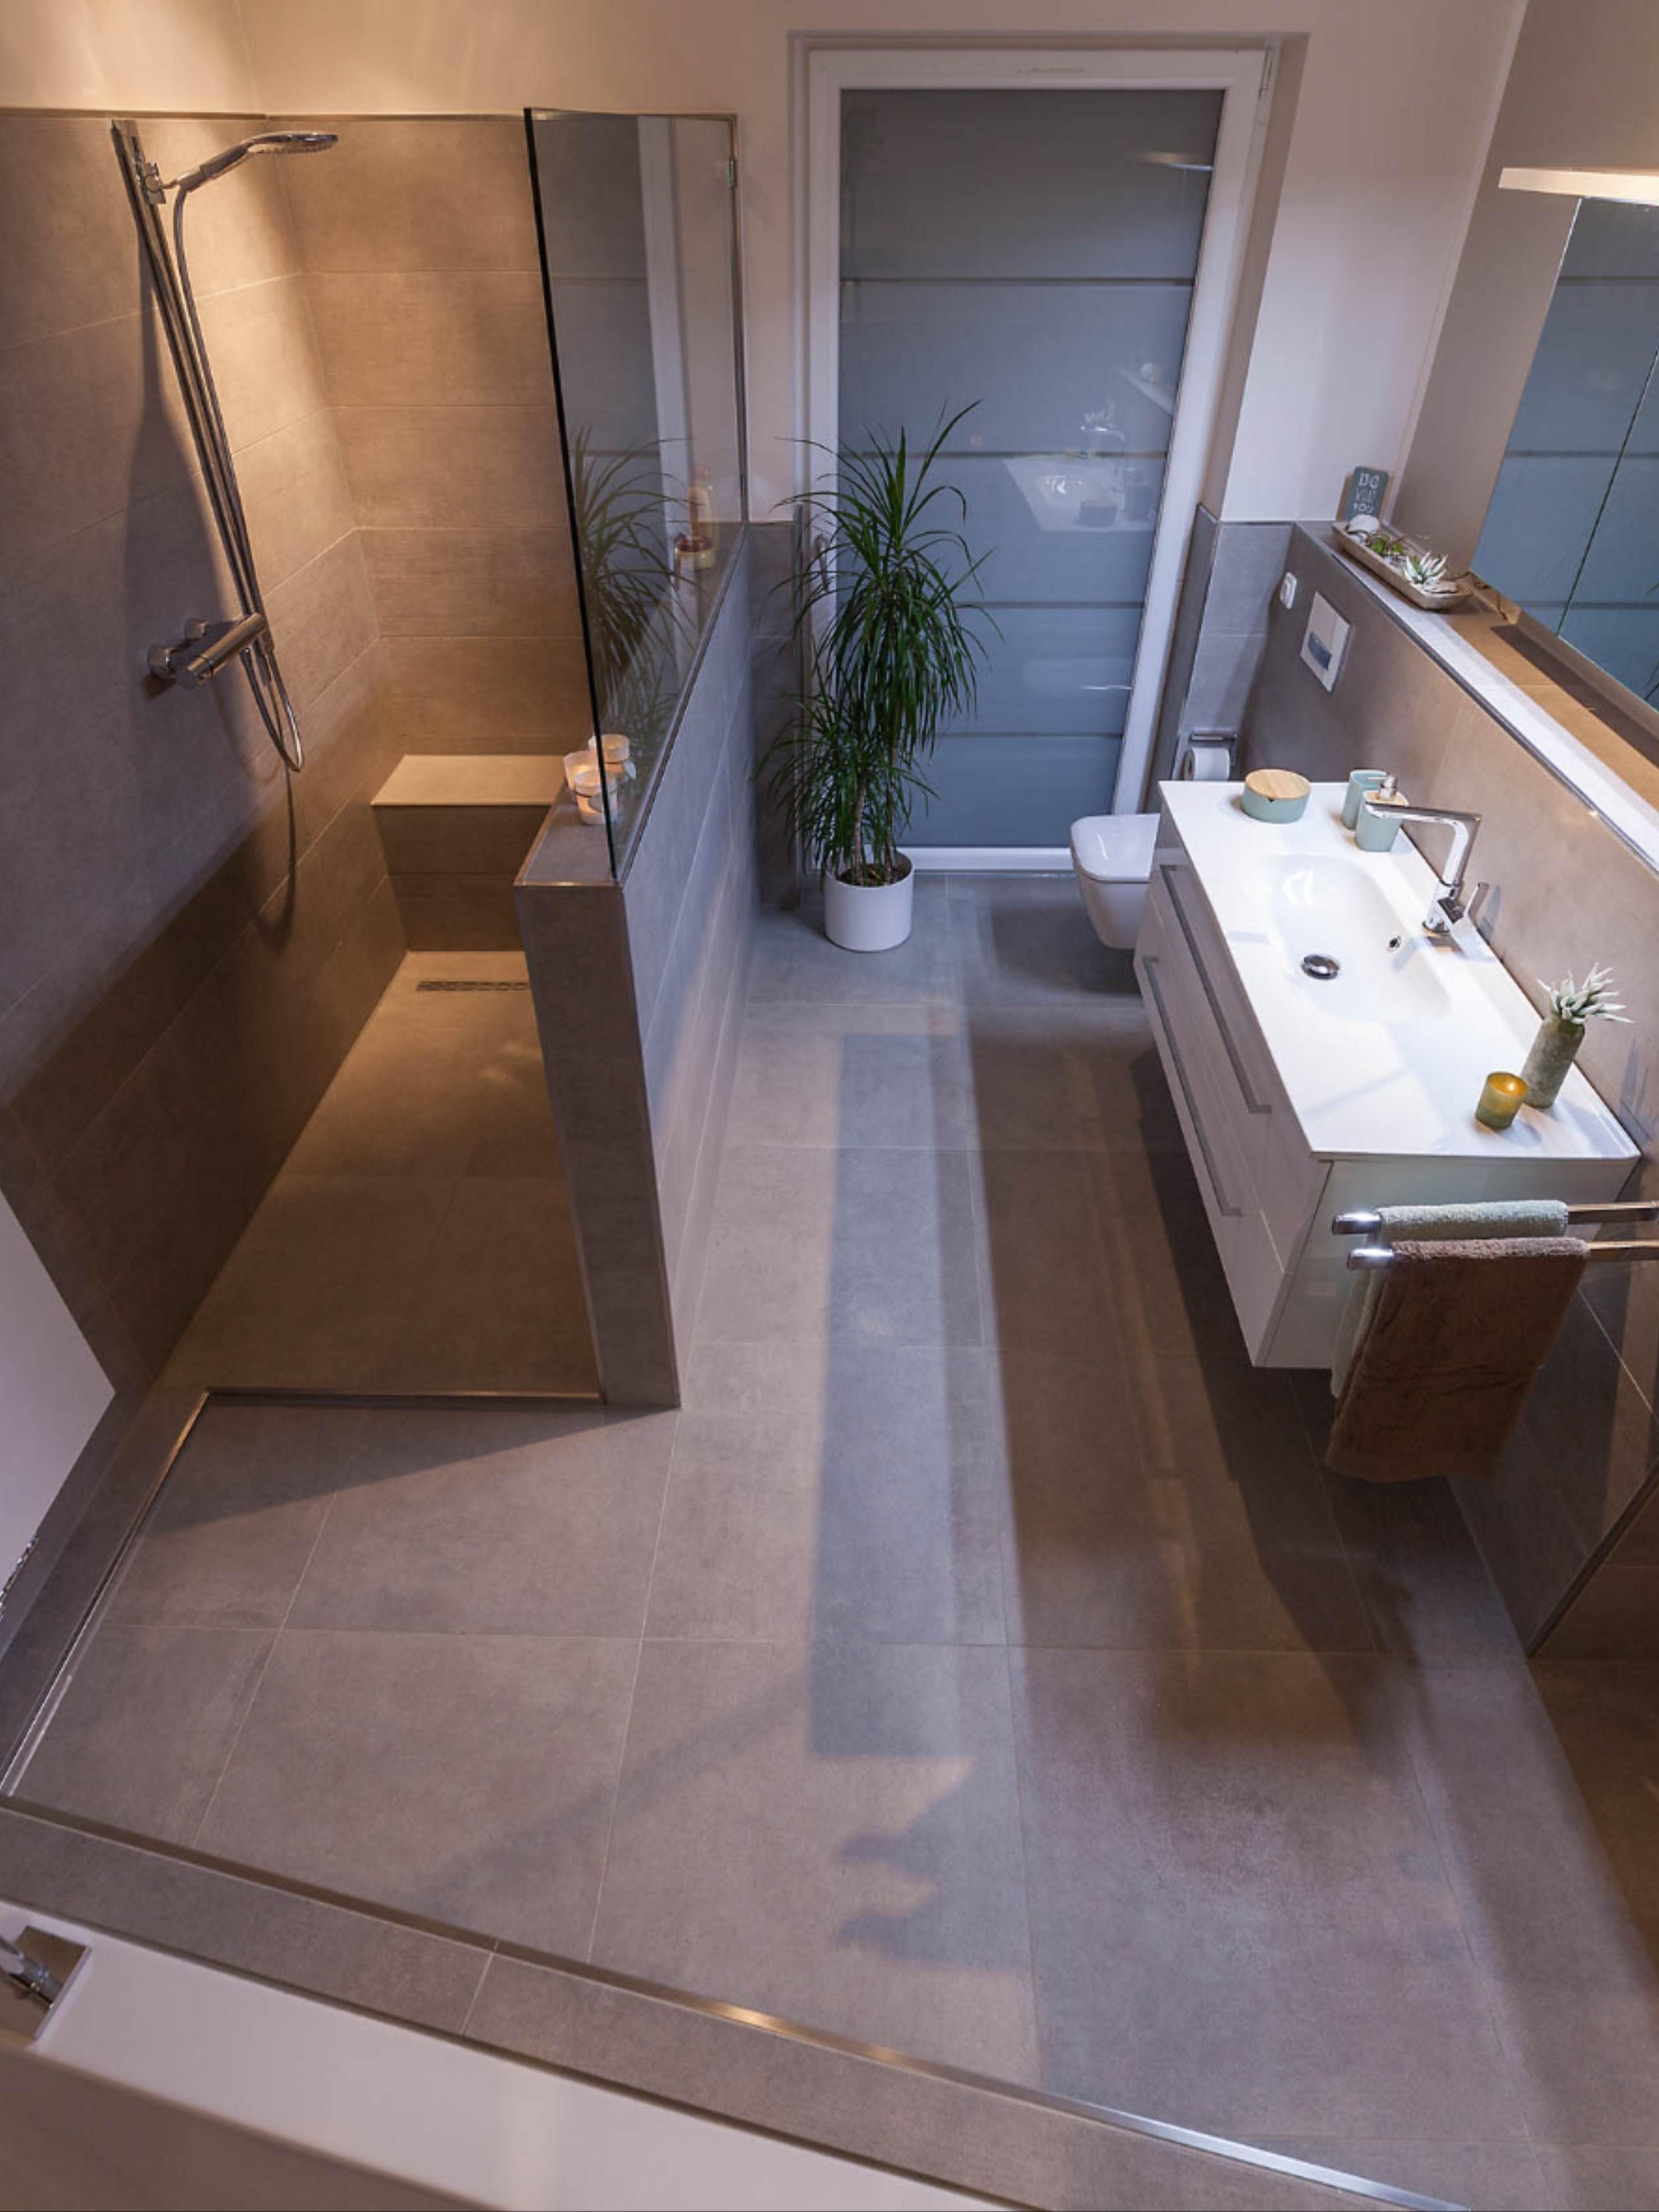 Begehbare Dusche Grosse Waschtischanlage Badewanne Mit Ablagen Und Nischen In 2020 Dusche Umgestalten Begehbare Dusche Und Badezimmer Nischen